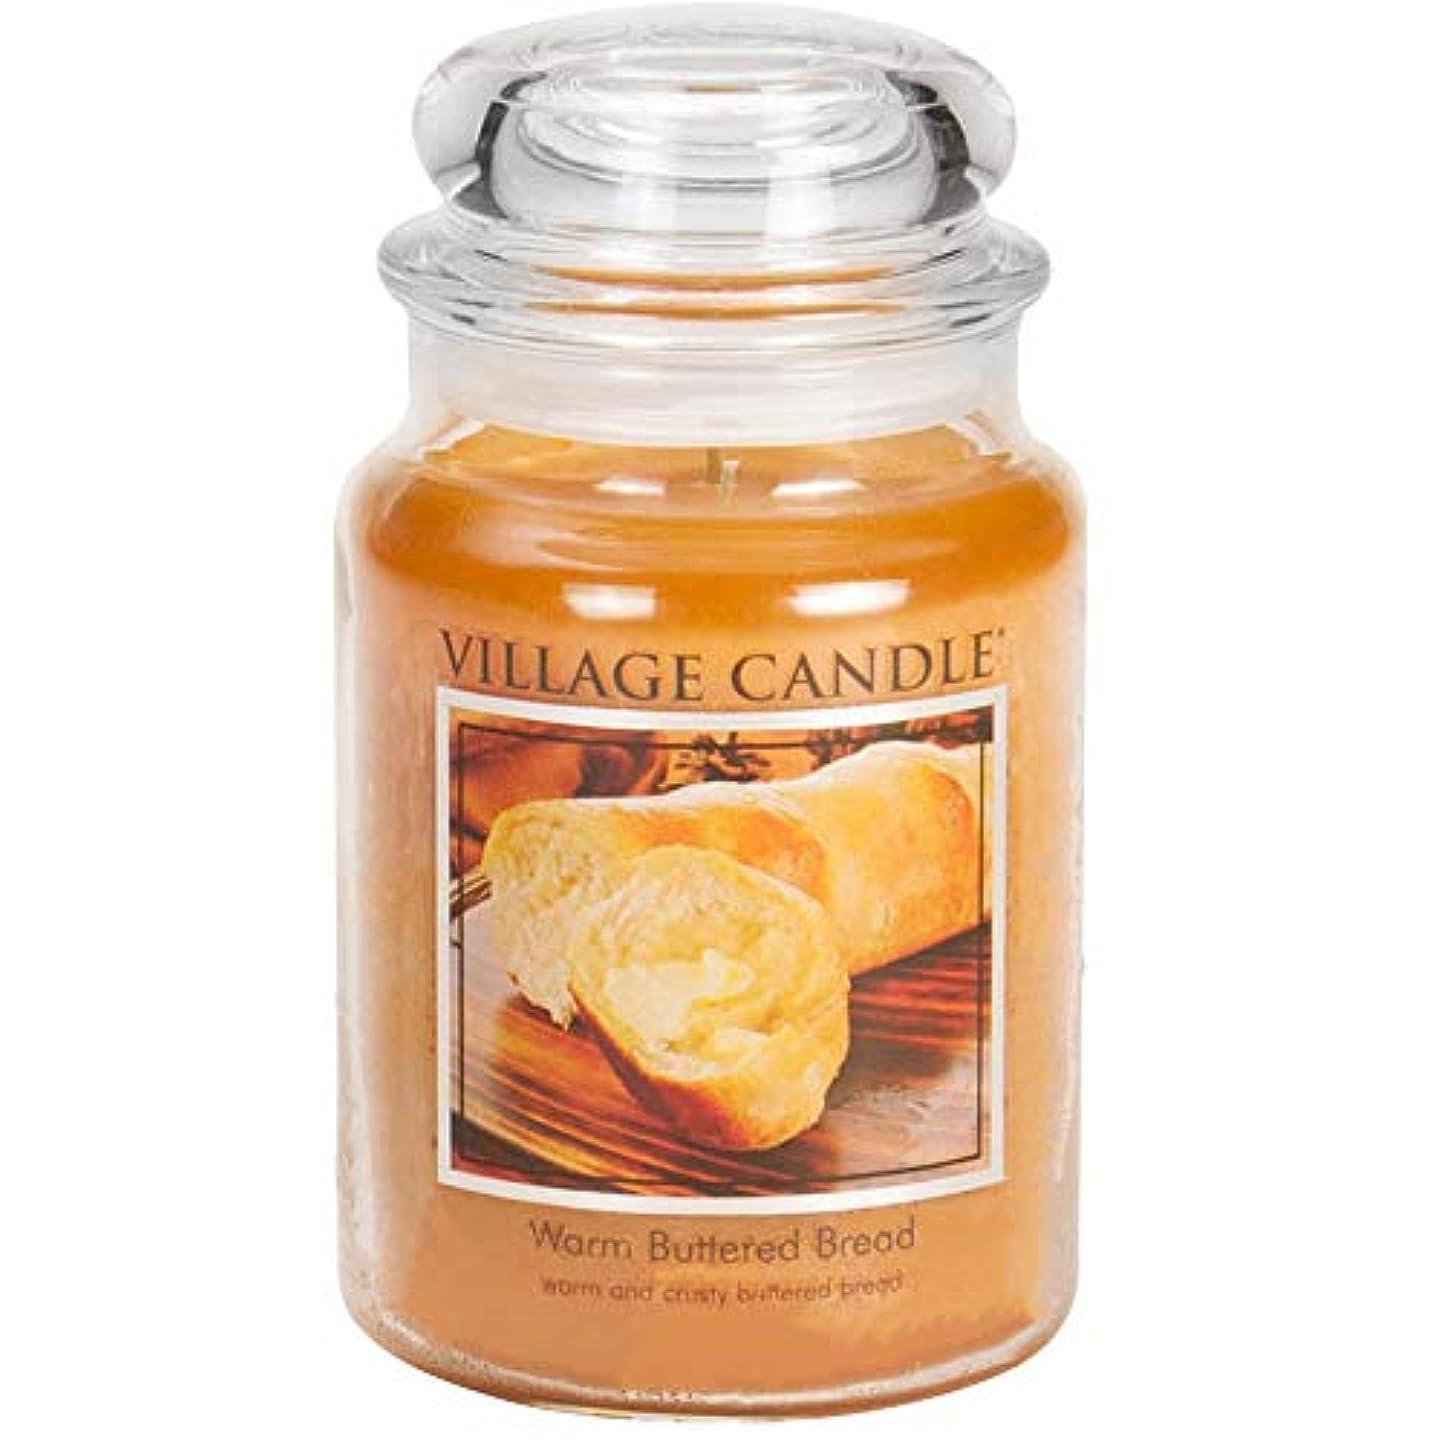 こどもの宮殿のりデコードするVillage Candle - Large Jar - Warm Buttered Bread (Orange) - Double Wick by Village Candle